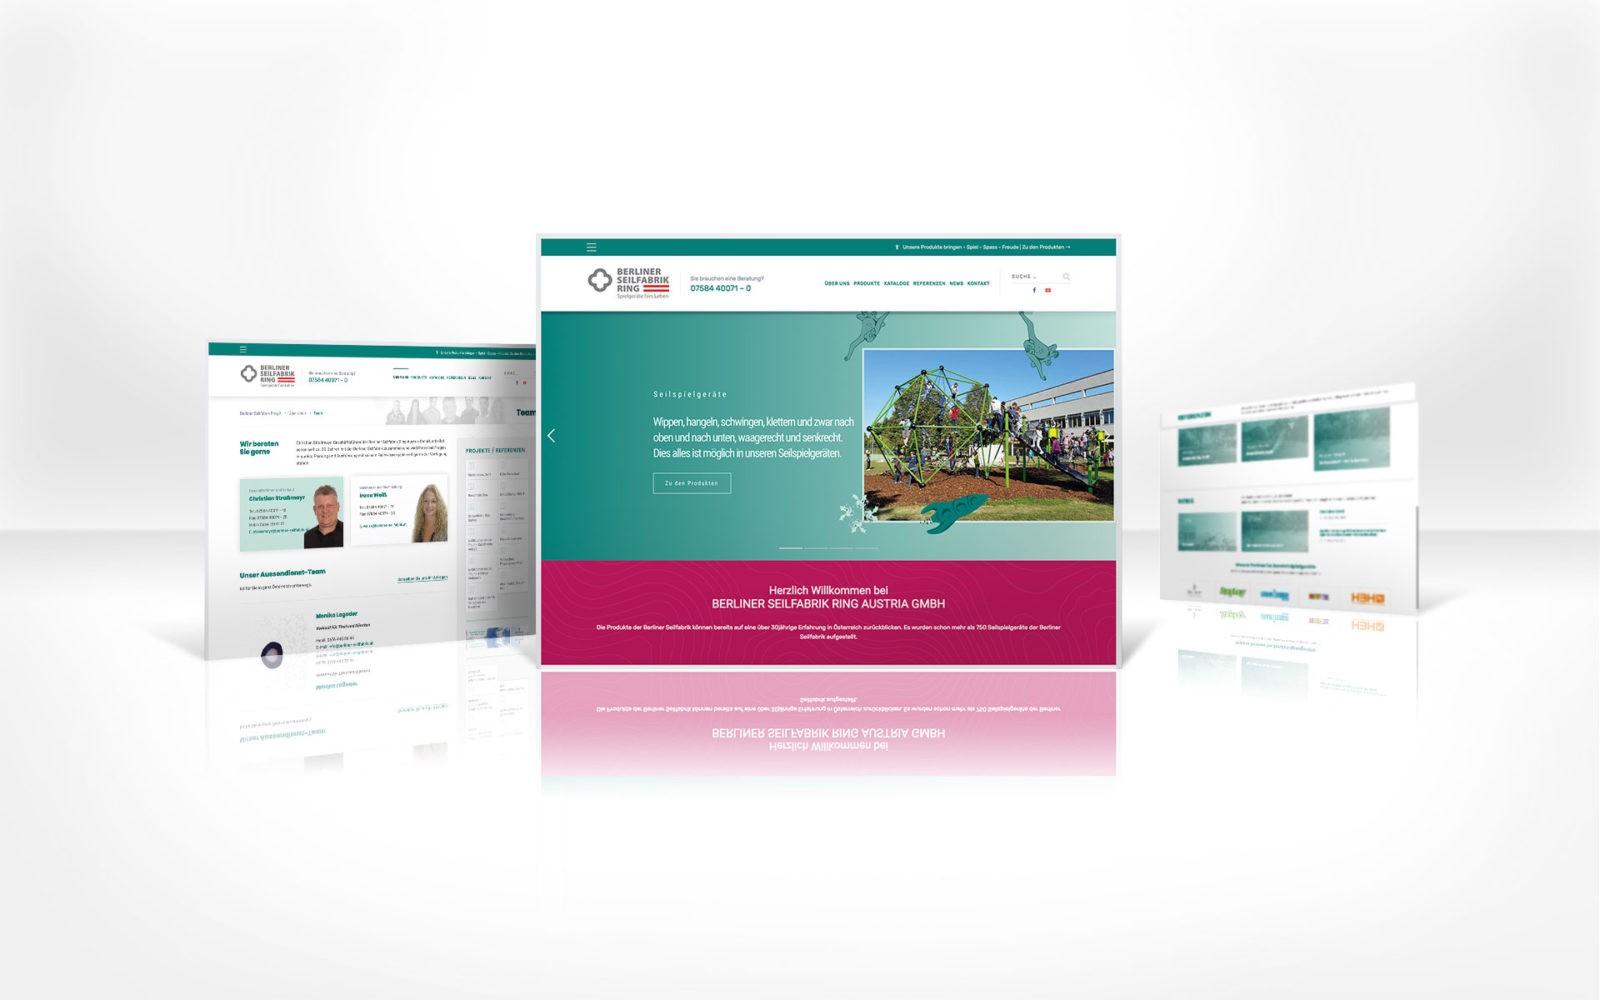 Stylisch Webdesign für Berliner Seilfabrik Ring Austria GmbH